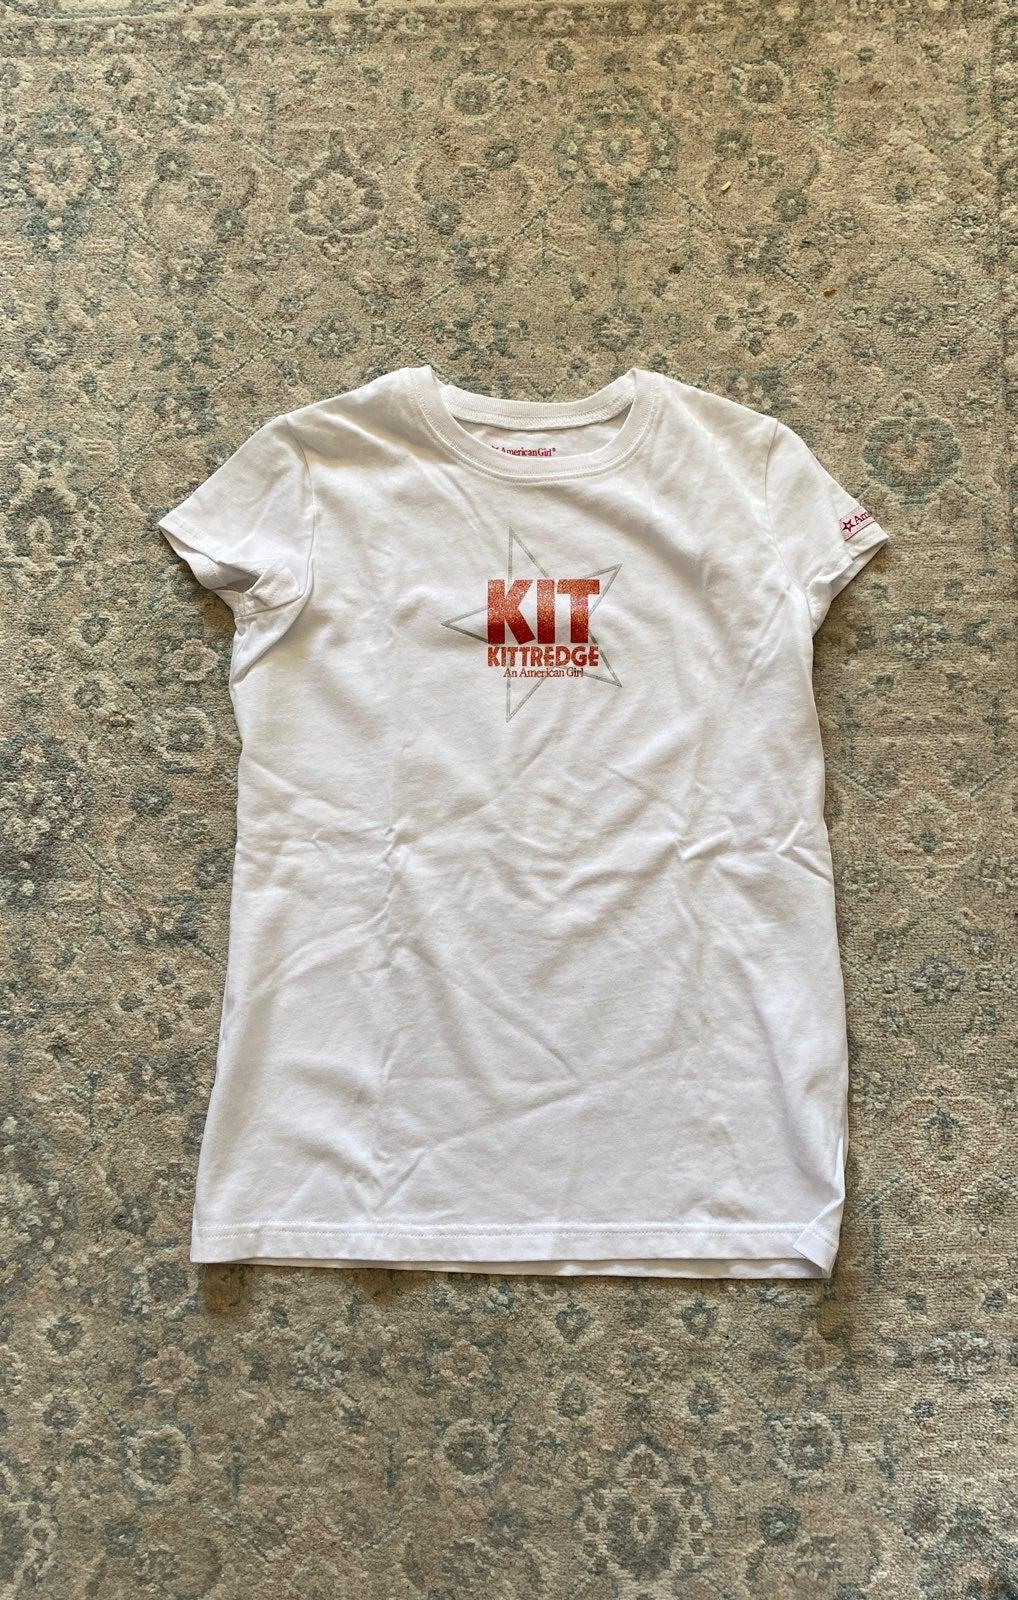 Kit kitterege AG shirt!